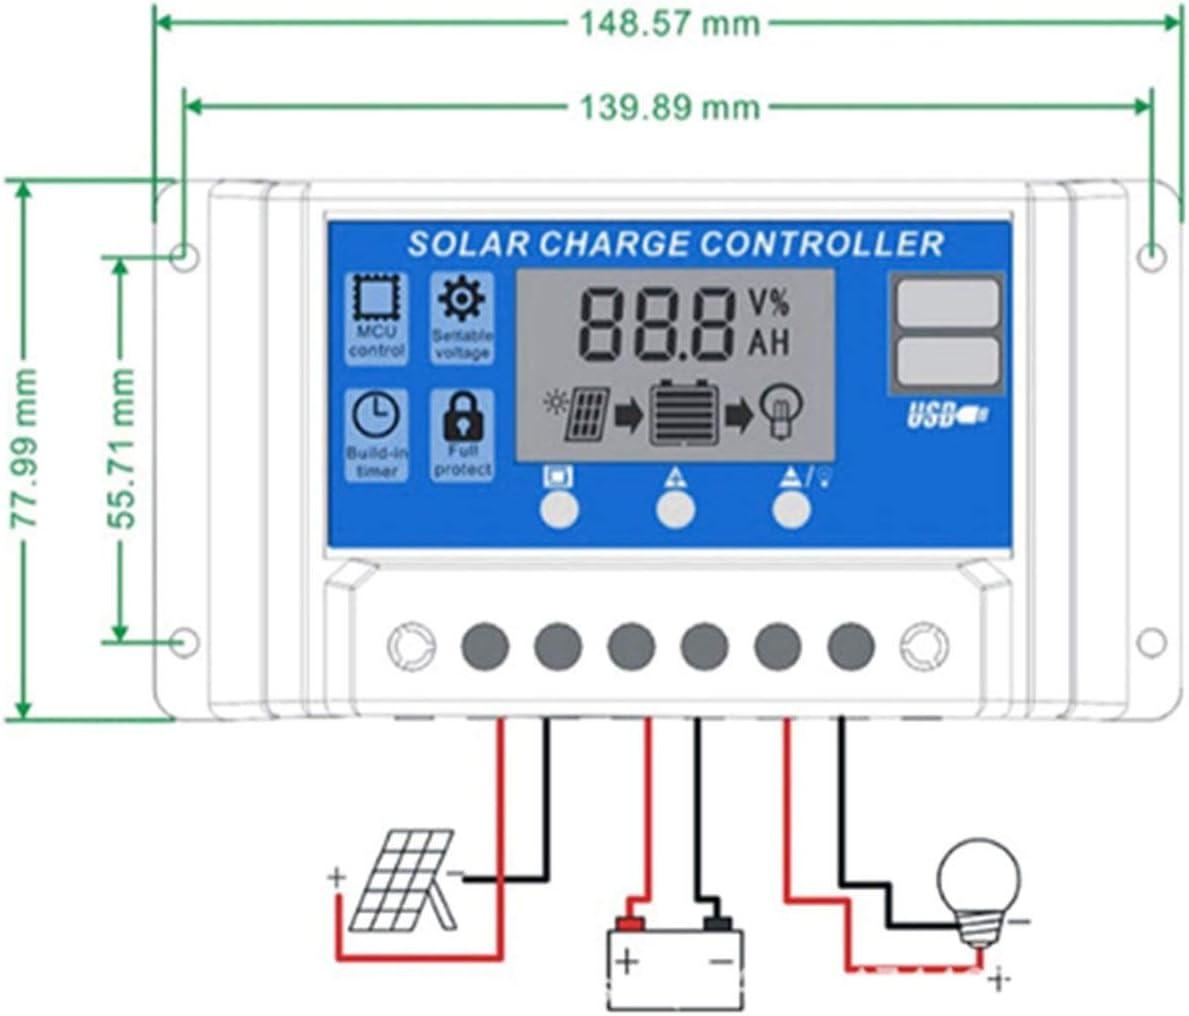 Professionnel Double USB 12V FRjasnyfall 24V 10A Contr/ôleur de Panneau Solaire R/égulateur de Charge de Batterie R/égulateur daffichage LCD R/égulateur Solaire Noir et Bleu